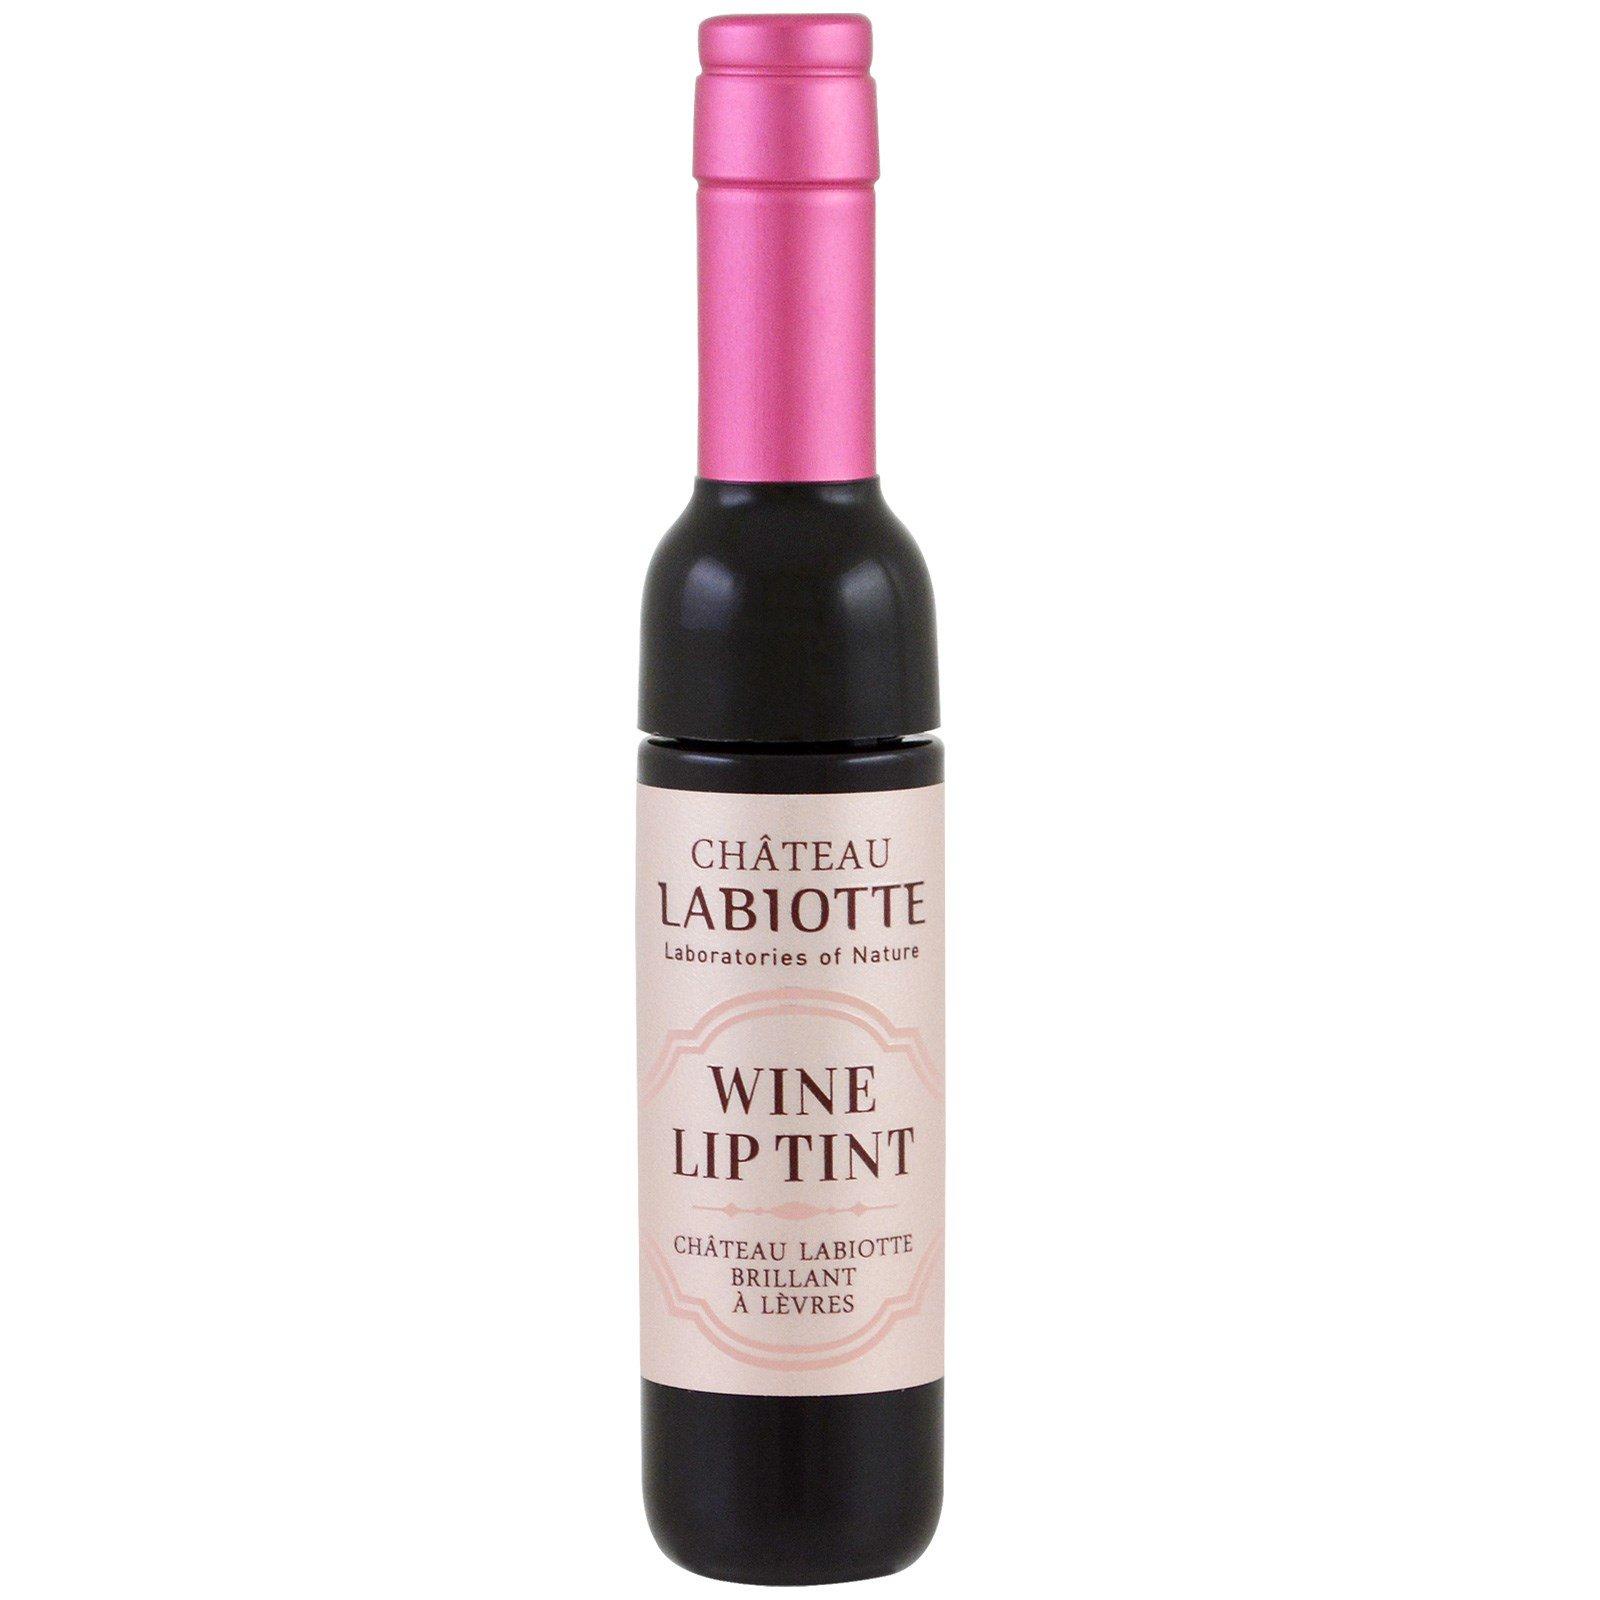 Chateau Labiotte, Вино-лиловый оттенок, PK01 розовая румяна, 7 г